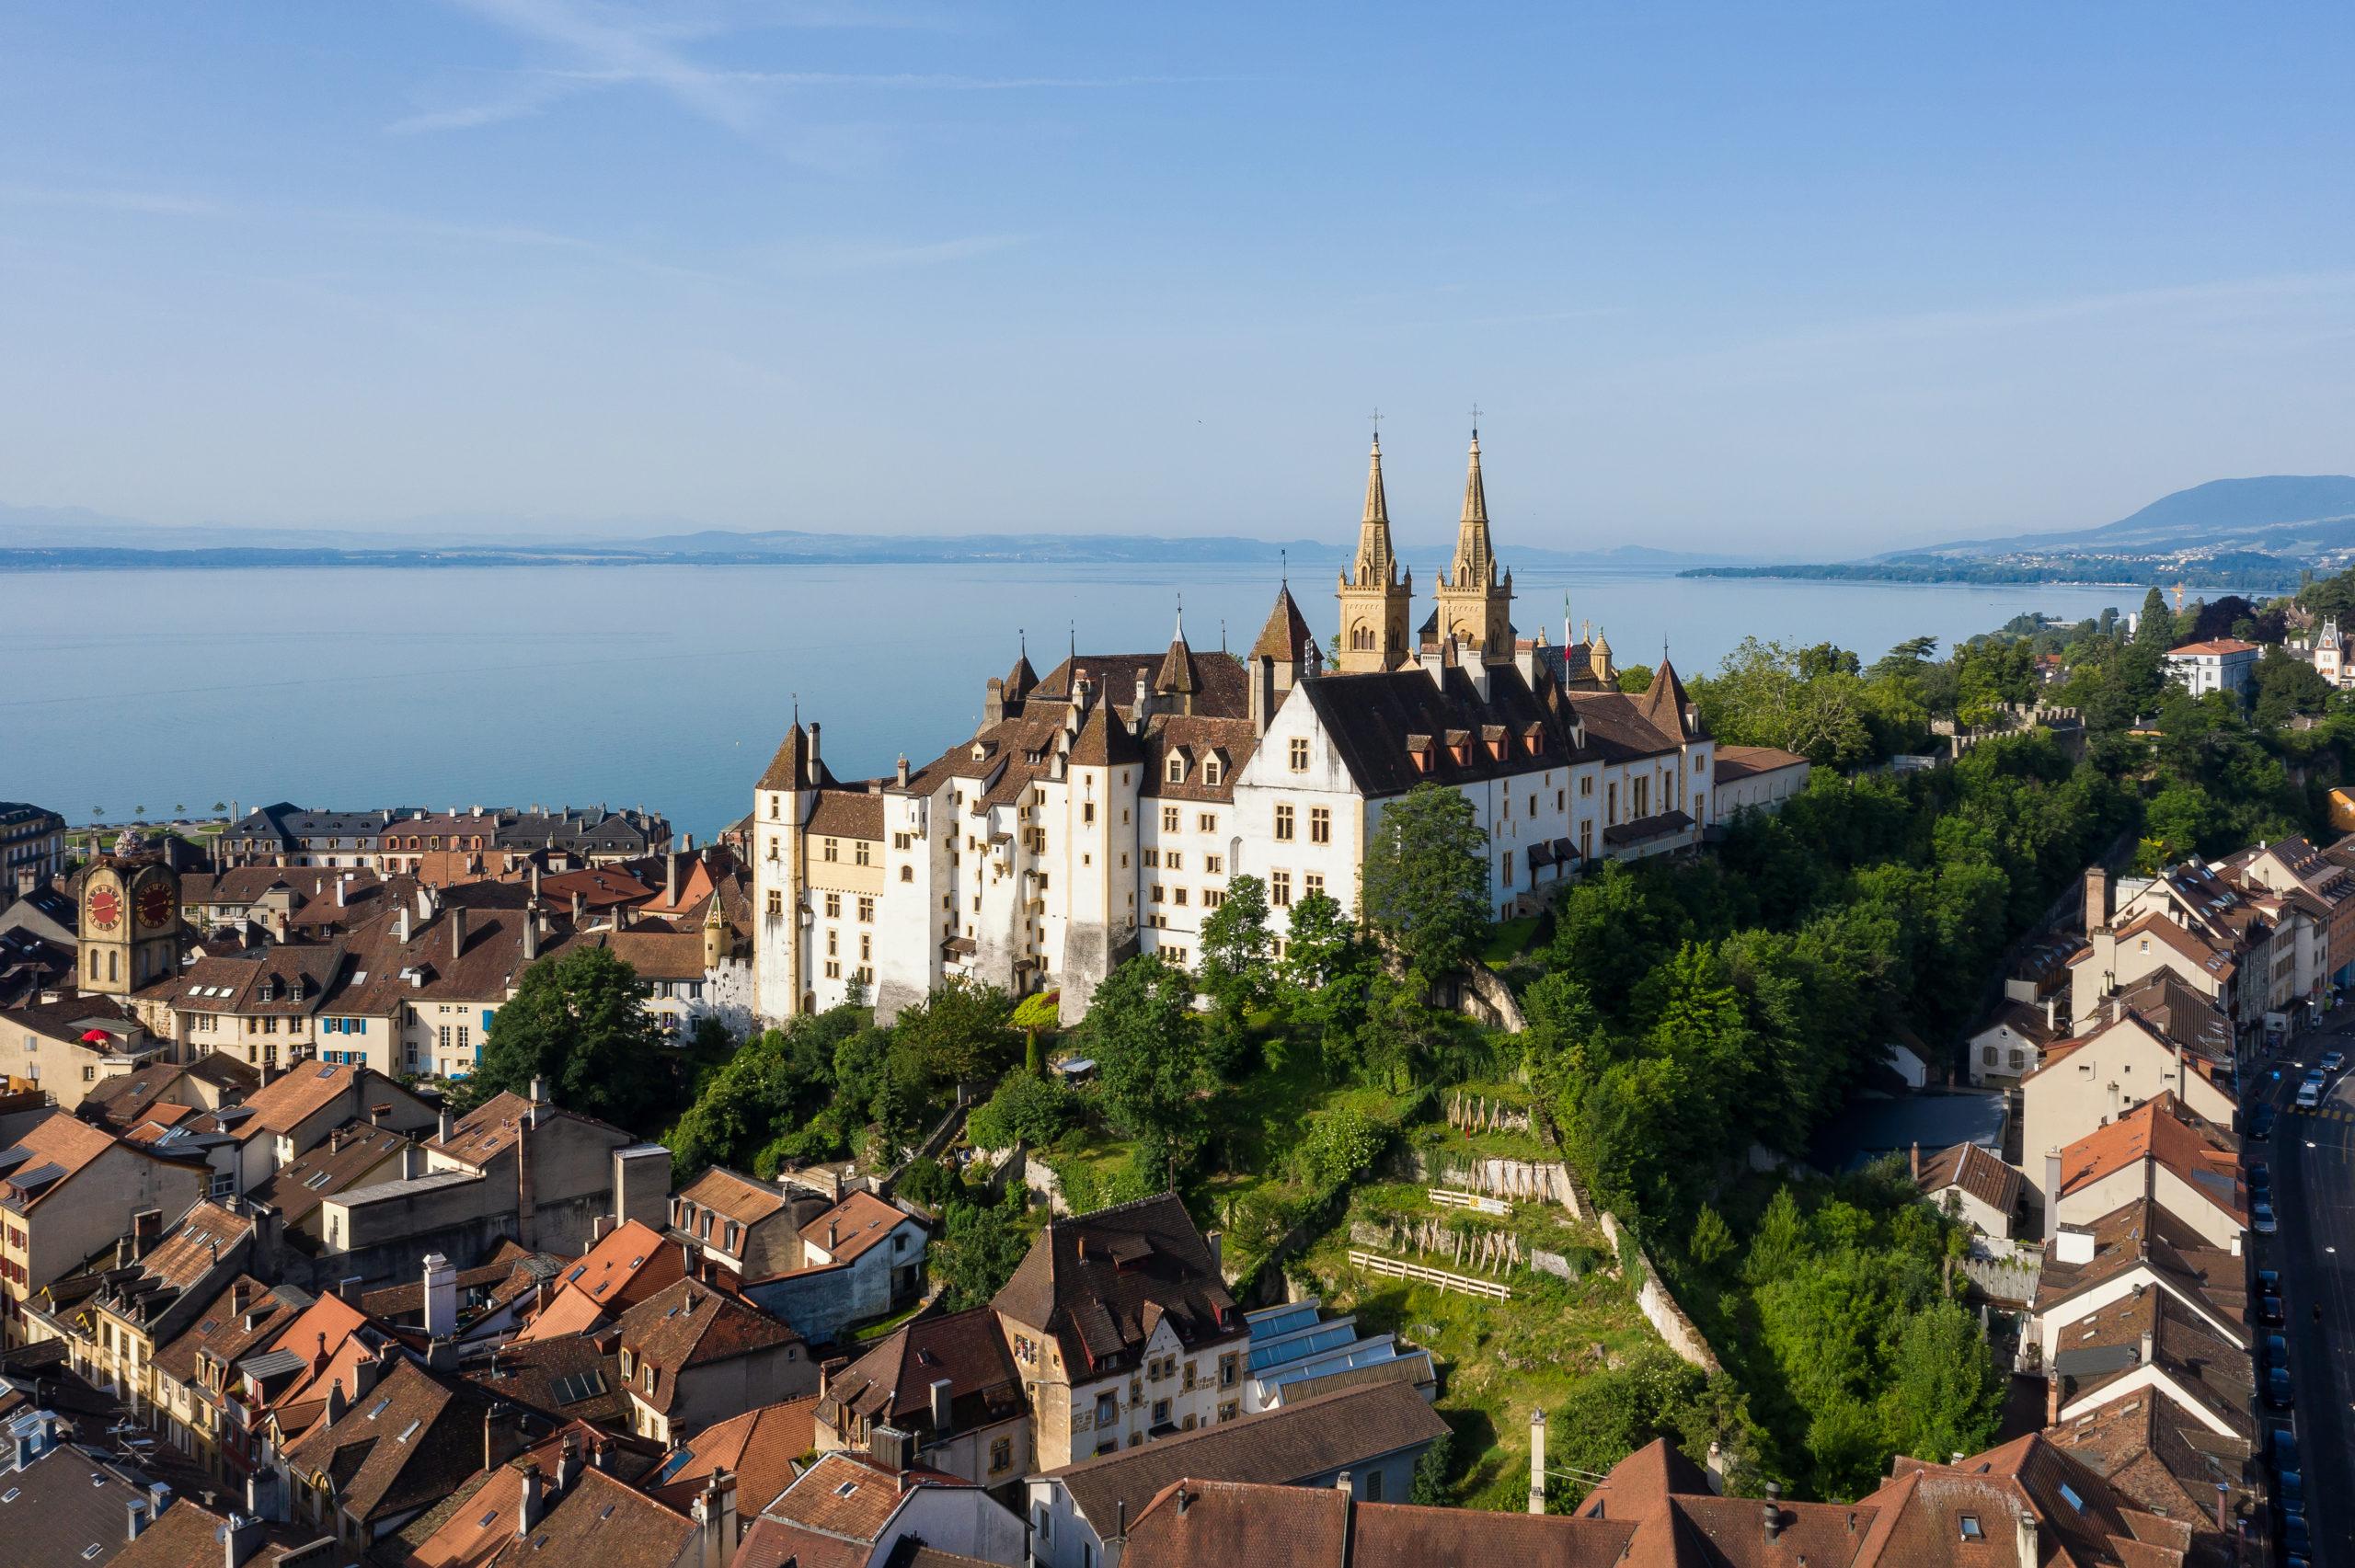 Voyage dans le Pays de Neuchâtel